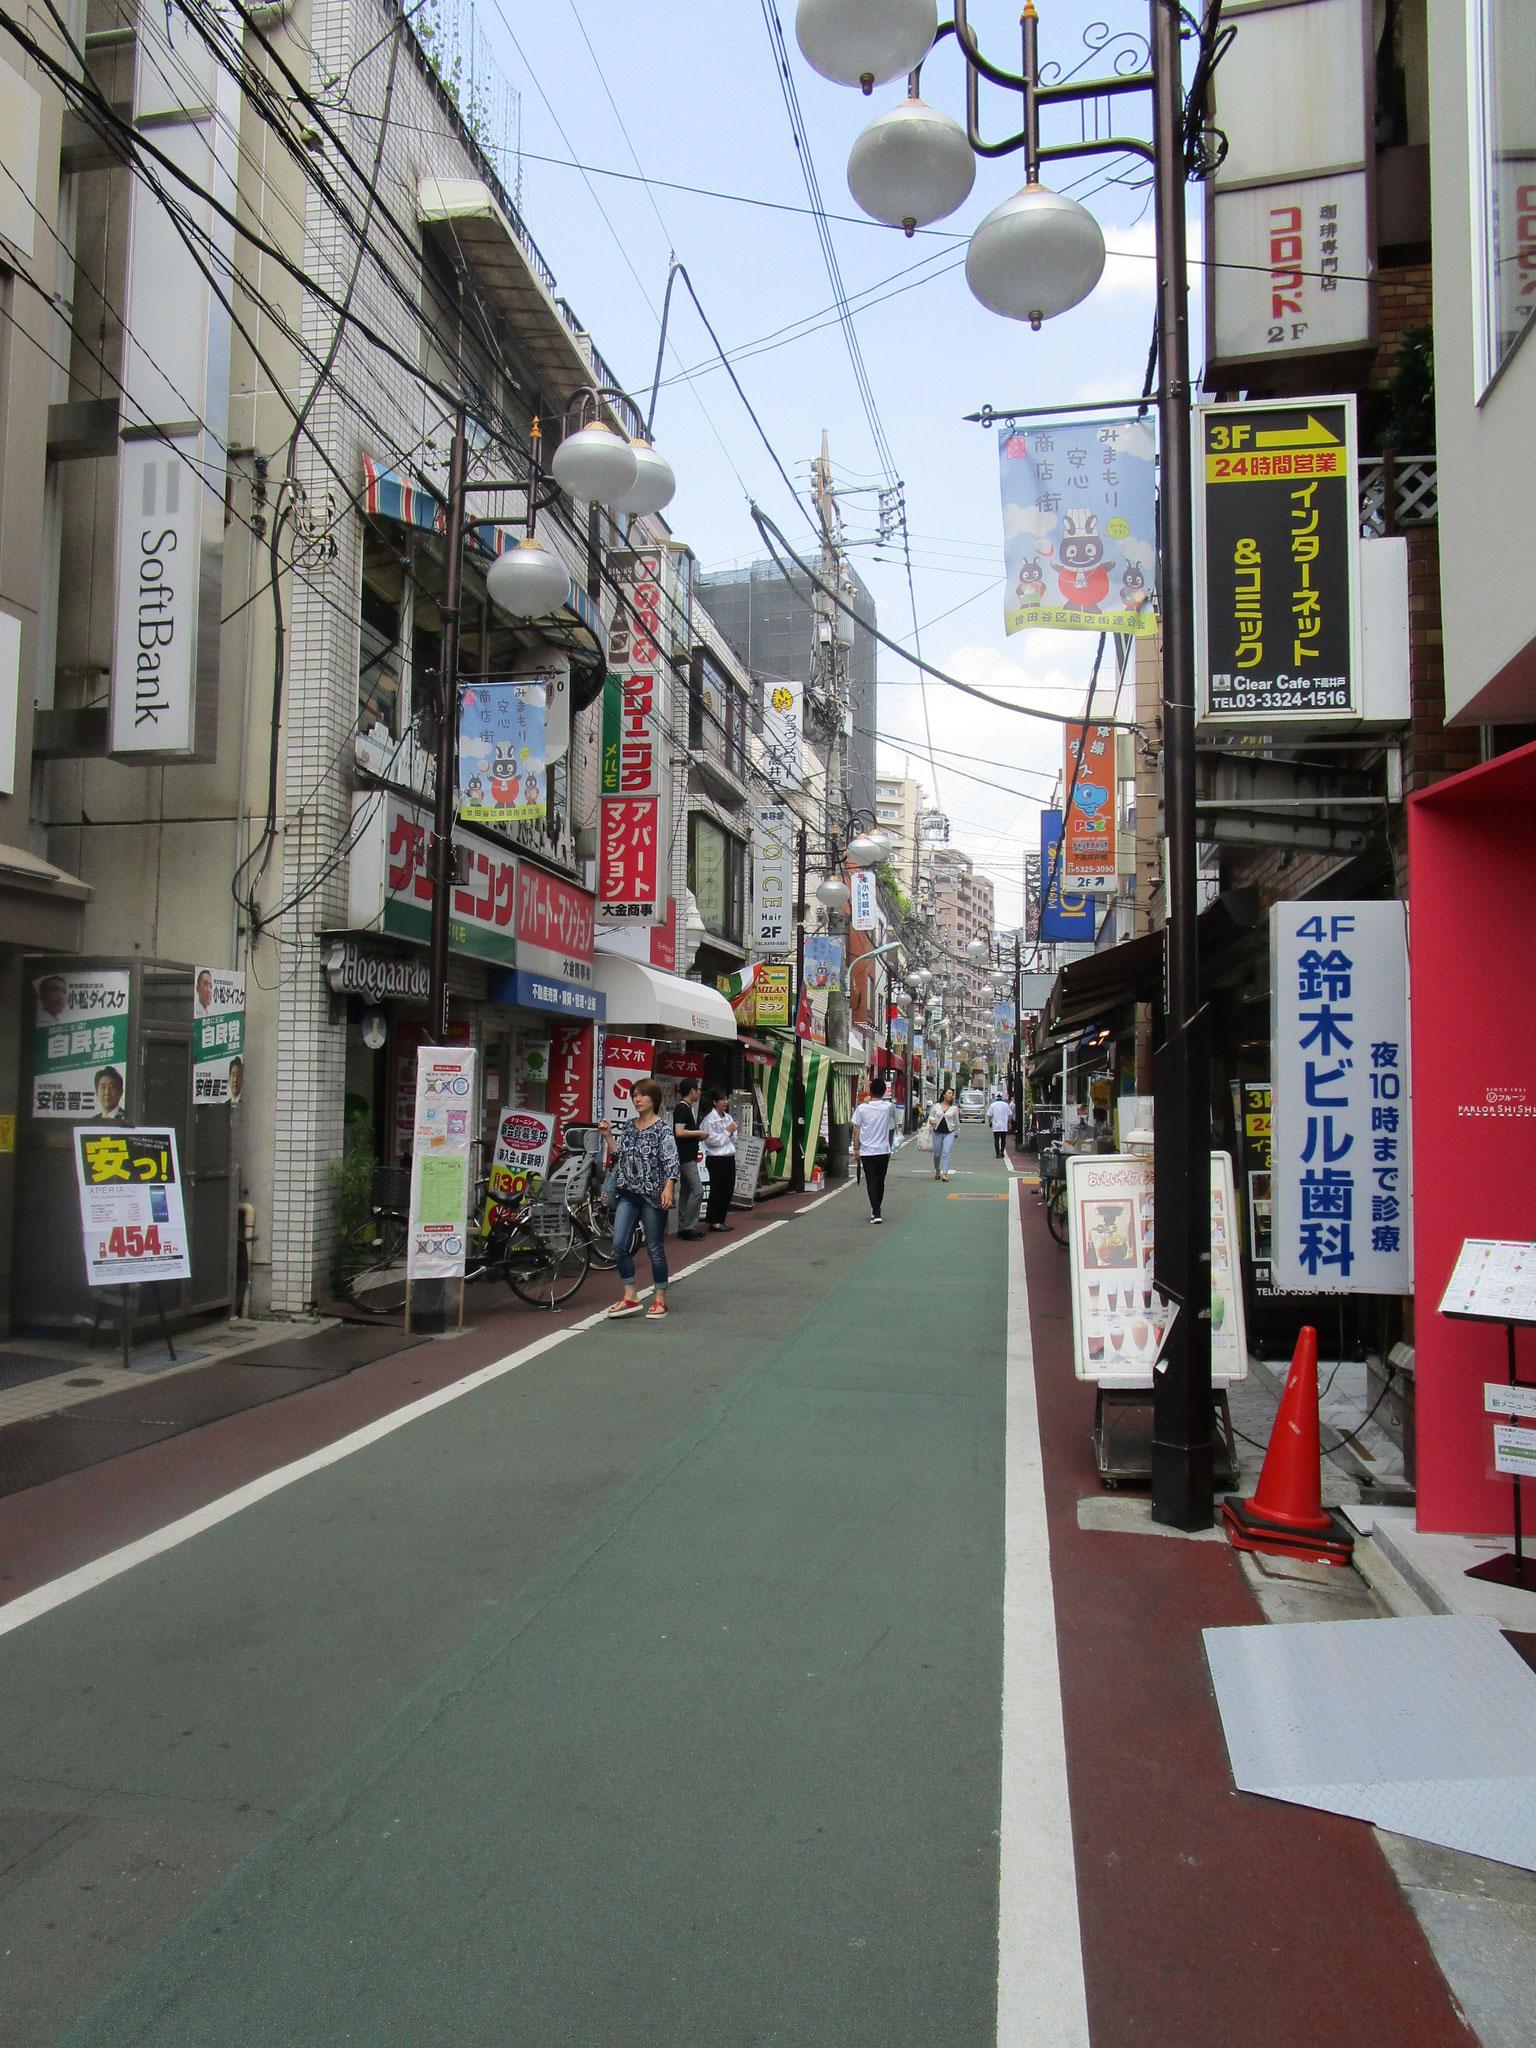 「下高井戸」駅北口駅前から右方向に広がる駅前通り